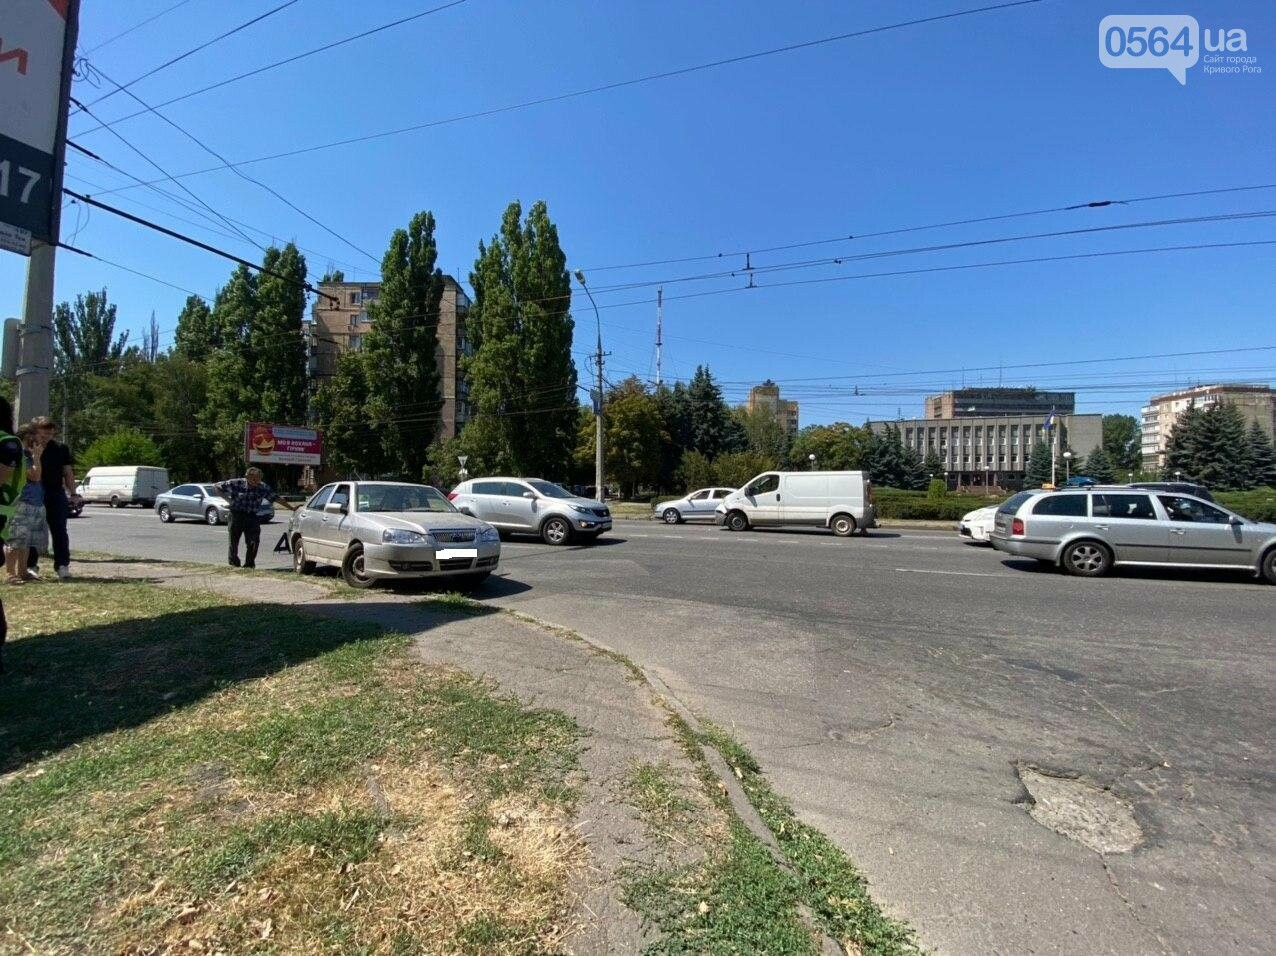 На Днепровском шоссе в Кривом Роге произошла авария, - ФОТО, фото-2